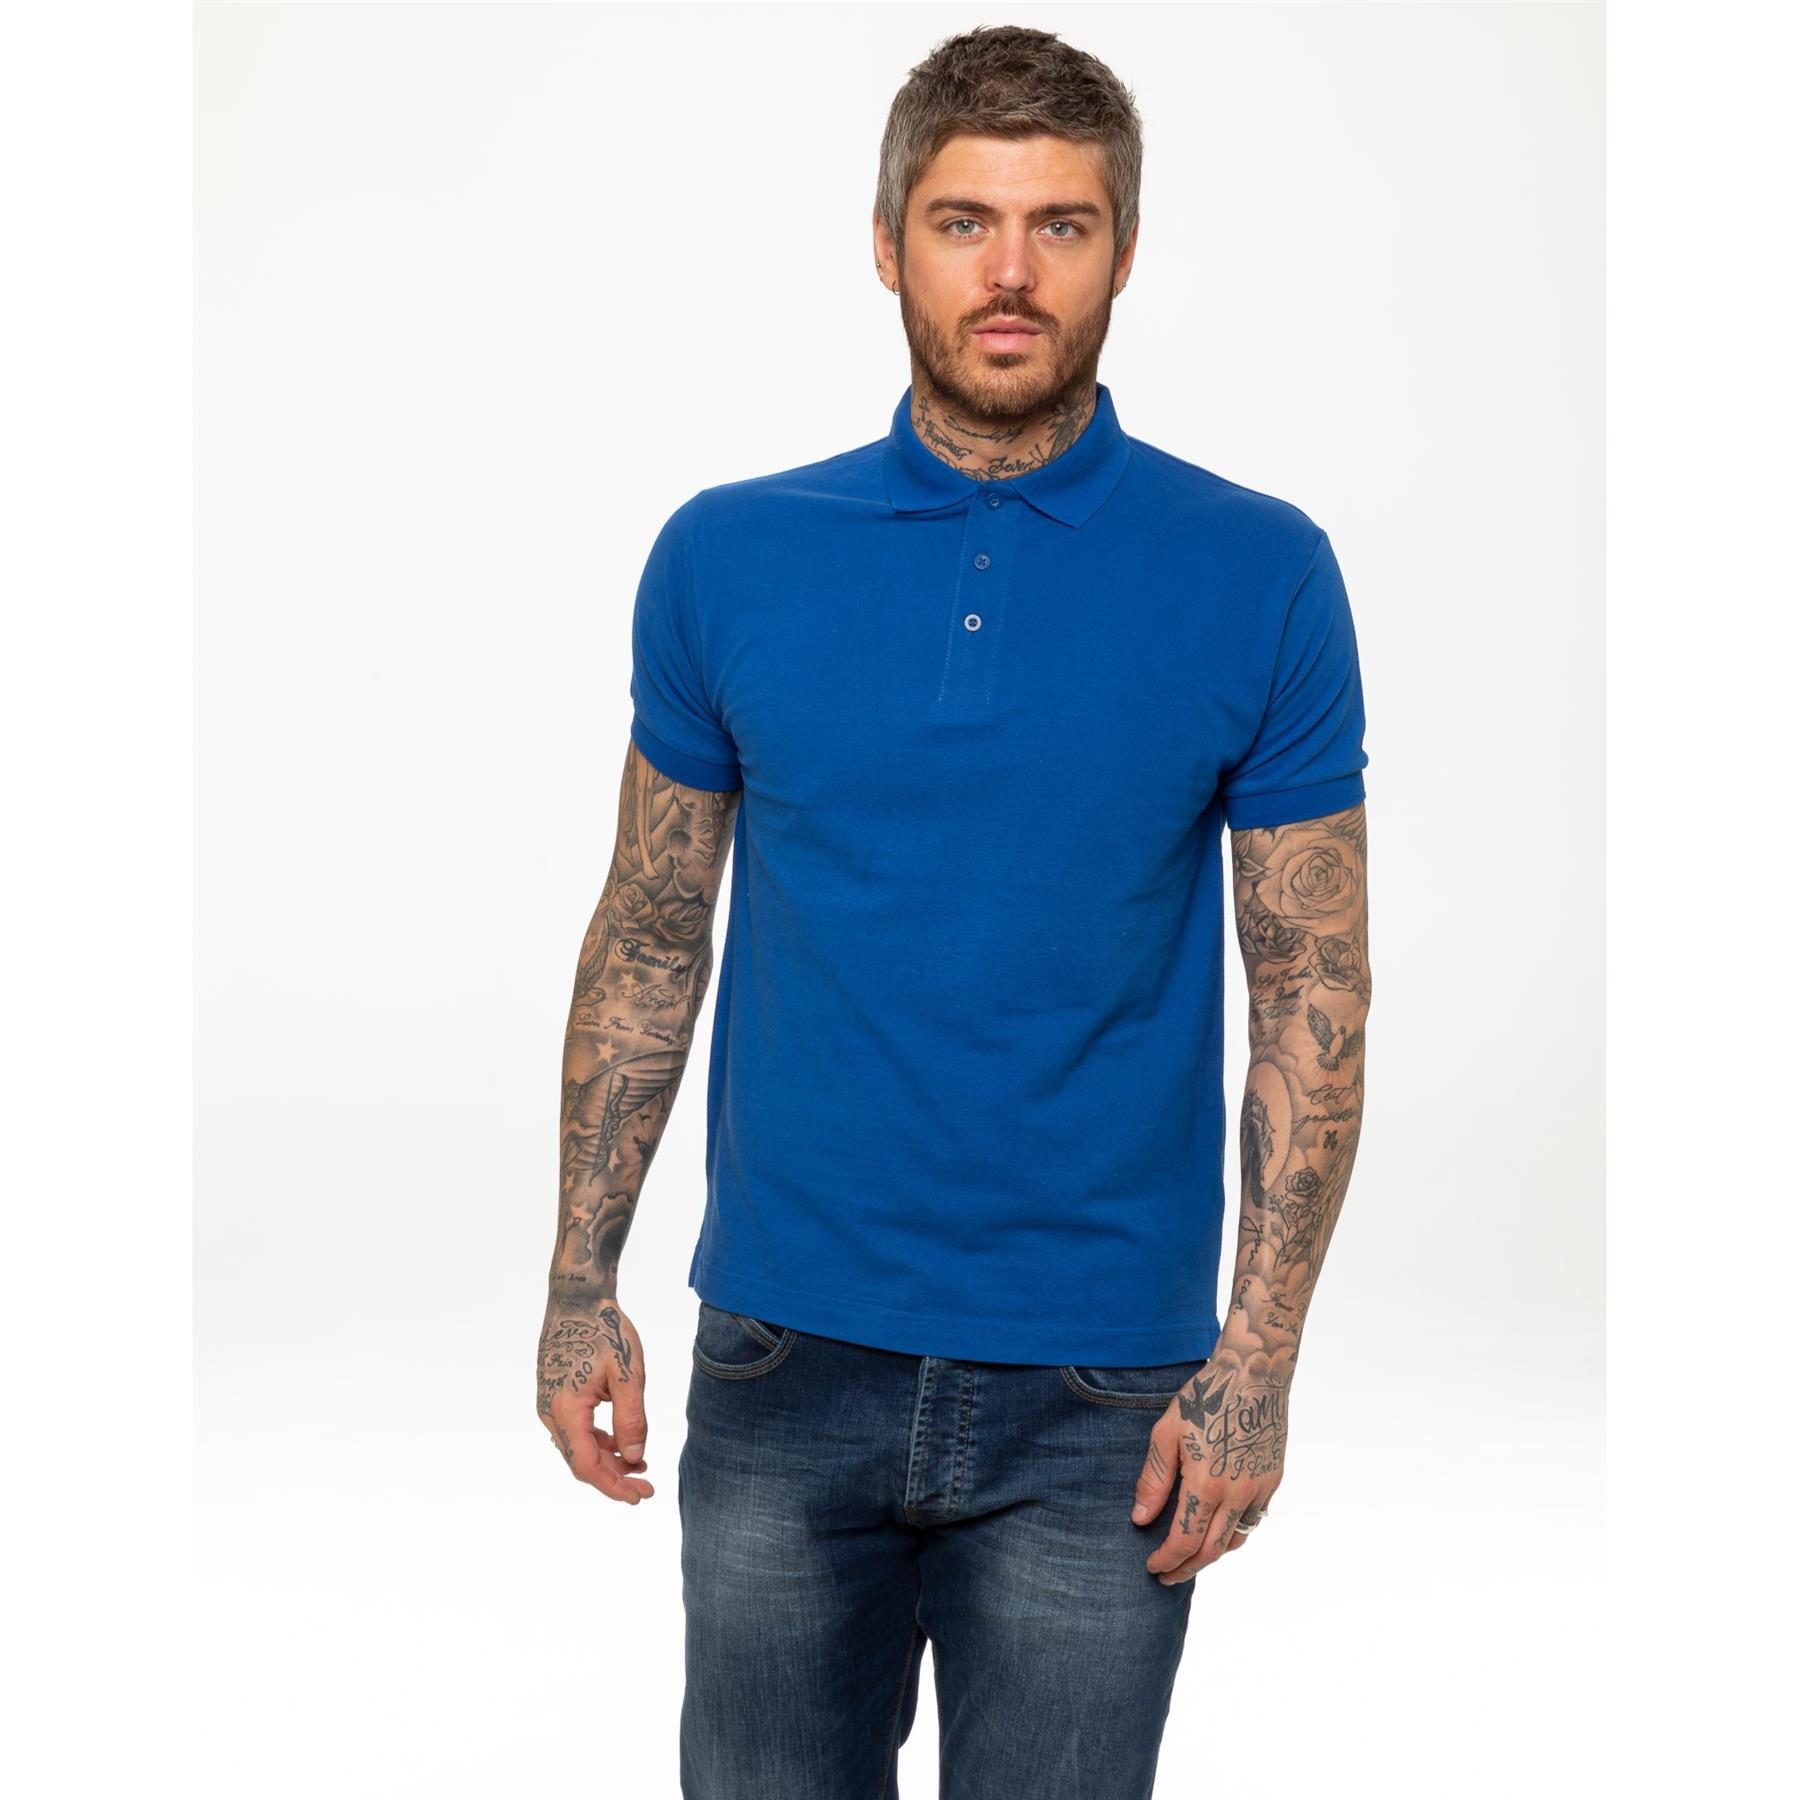 Indexbild 47 - Herren Polohemd Freizeit T-Shirts Neu Schlicht Kurzärmeliges Regular Fit